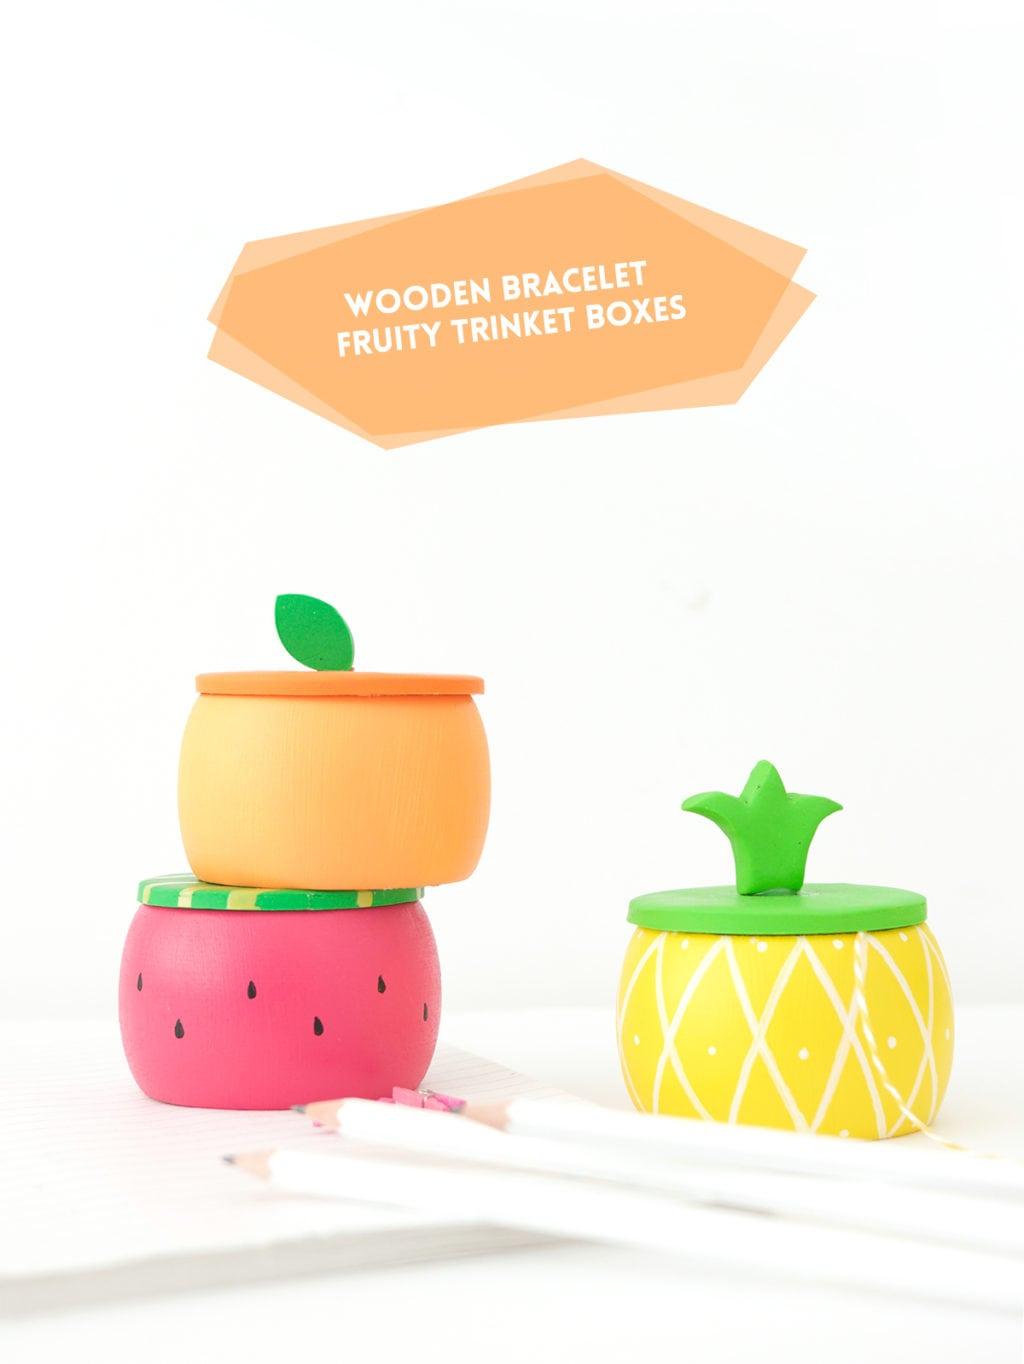 Create DIY Fruity Wooden Bracelet Trinket Boxes with a wooden bracelet and clay to create the perfect desk accessory